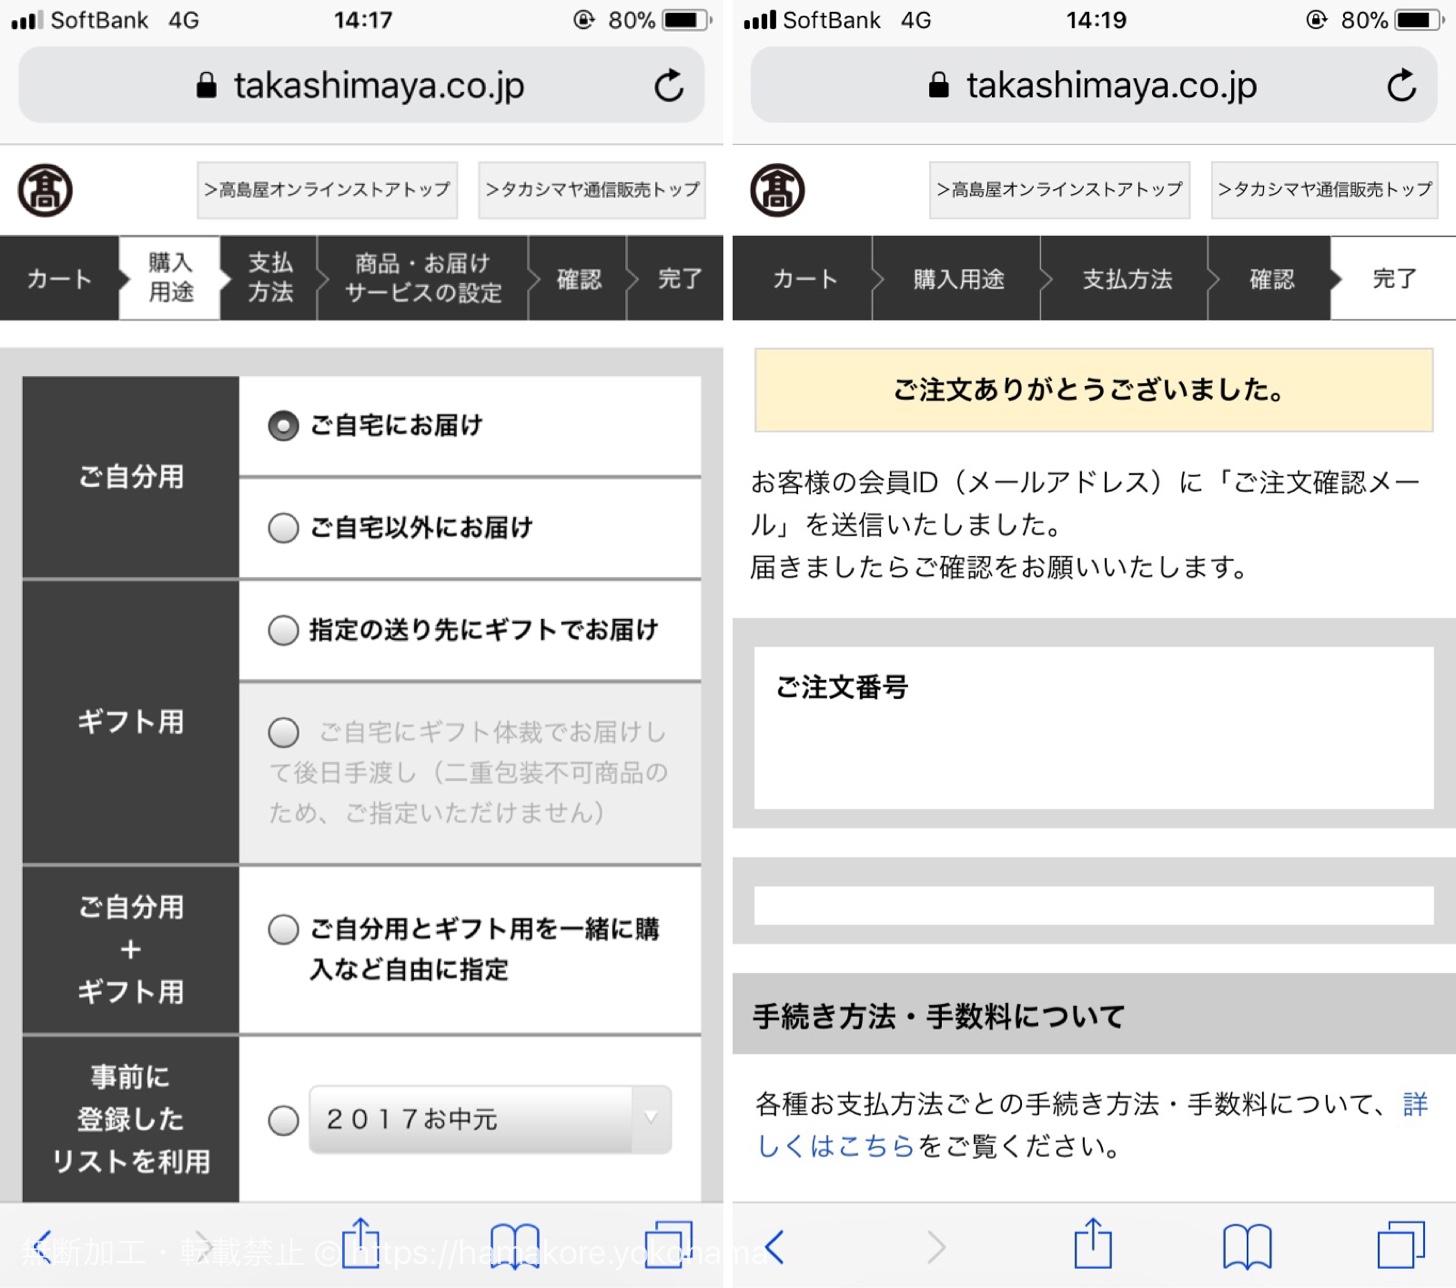 高島屋 オンライン 購入手順 注文完了・ご注文確認メール